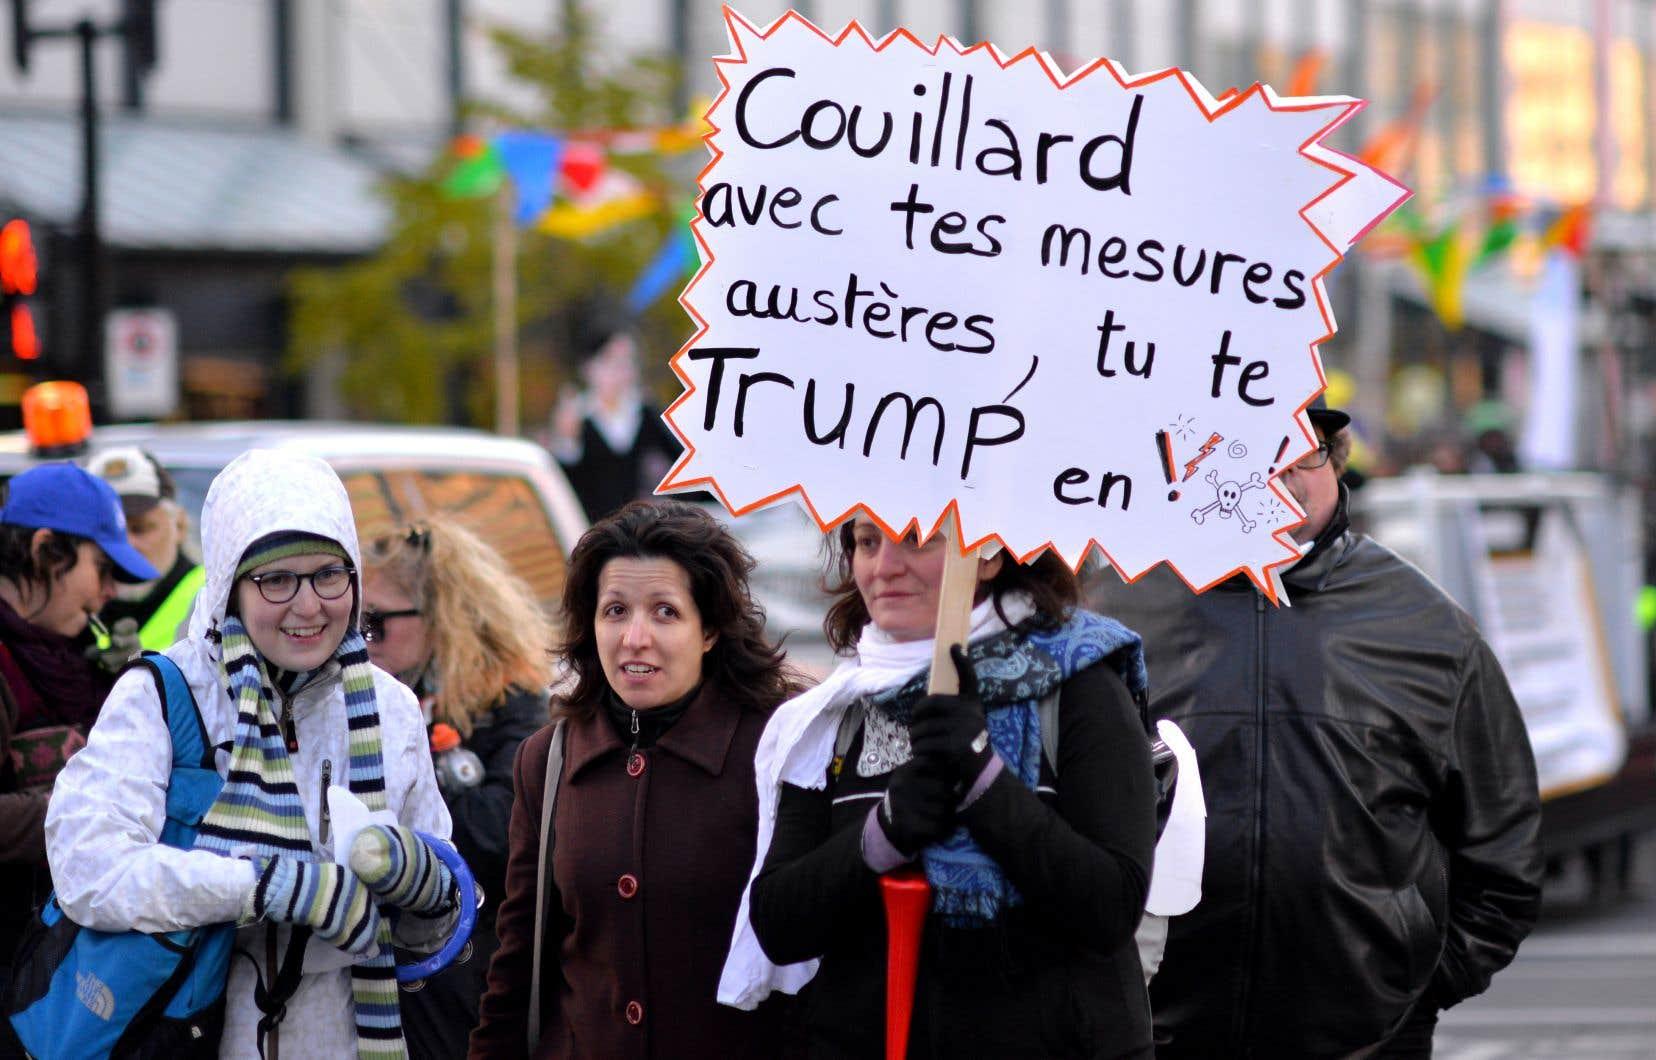 Donald Trump et sa clique incarnent si bien le Mal qu'on en oublie presque l'incroyable violence économique et sociale que les citoyens du Québec ont subie ces dernières années, estime l'auteur.